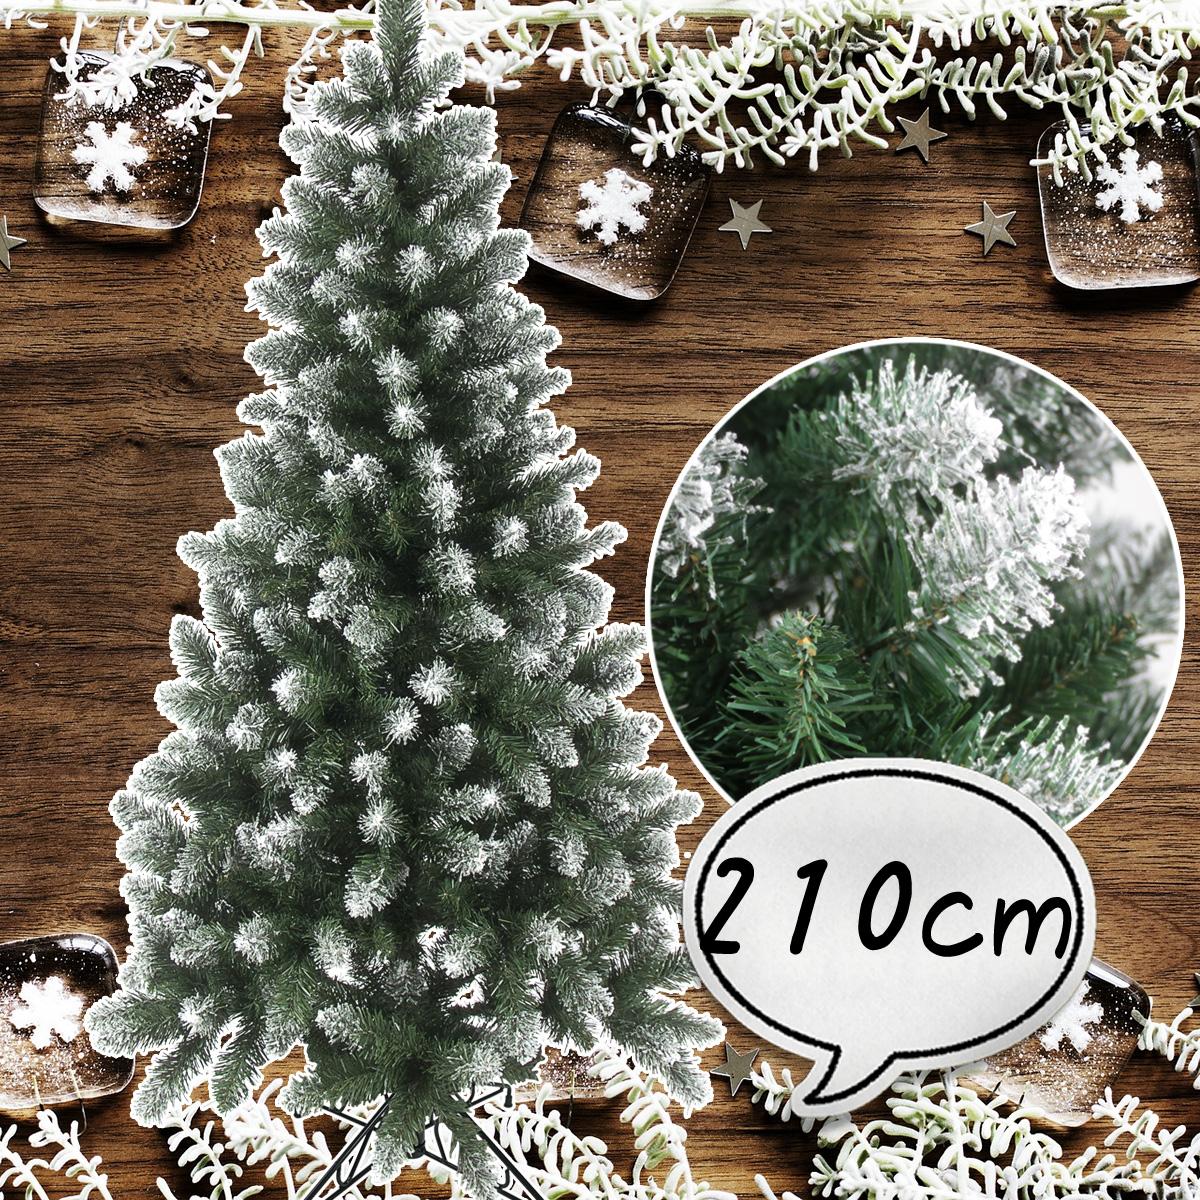 クリスマスツリー 210cm 雪付き ポイントスノーツリー グリーン ツリーの木 [ ヌードツリー ] 北欧 おしゃれ 【10月中旬入荷予定】